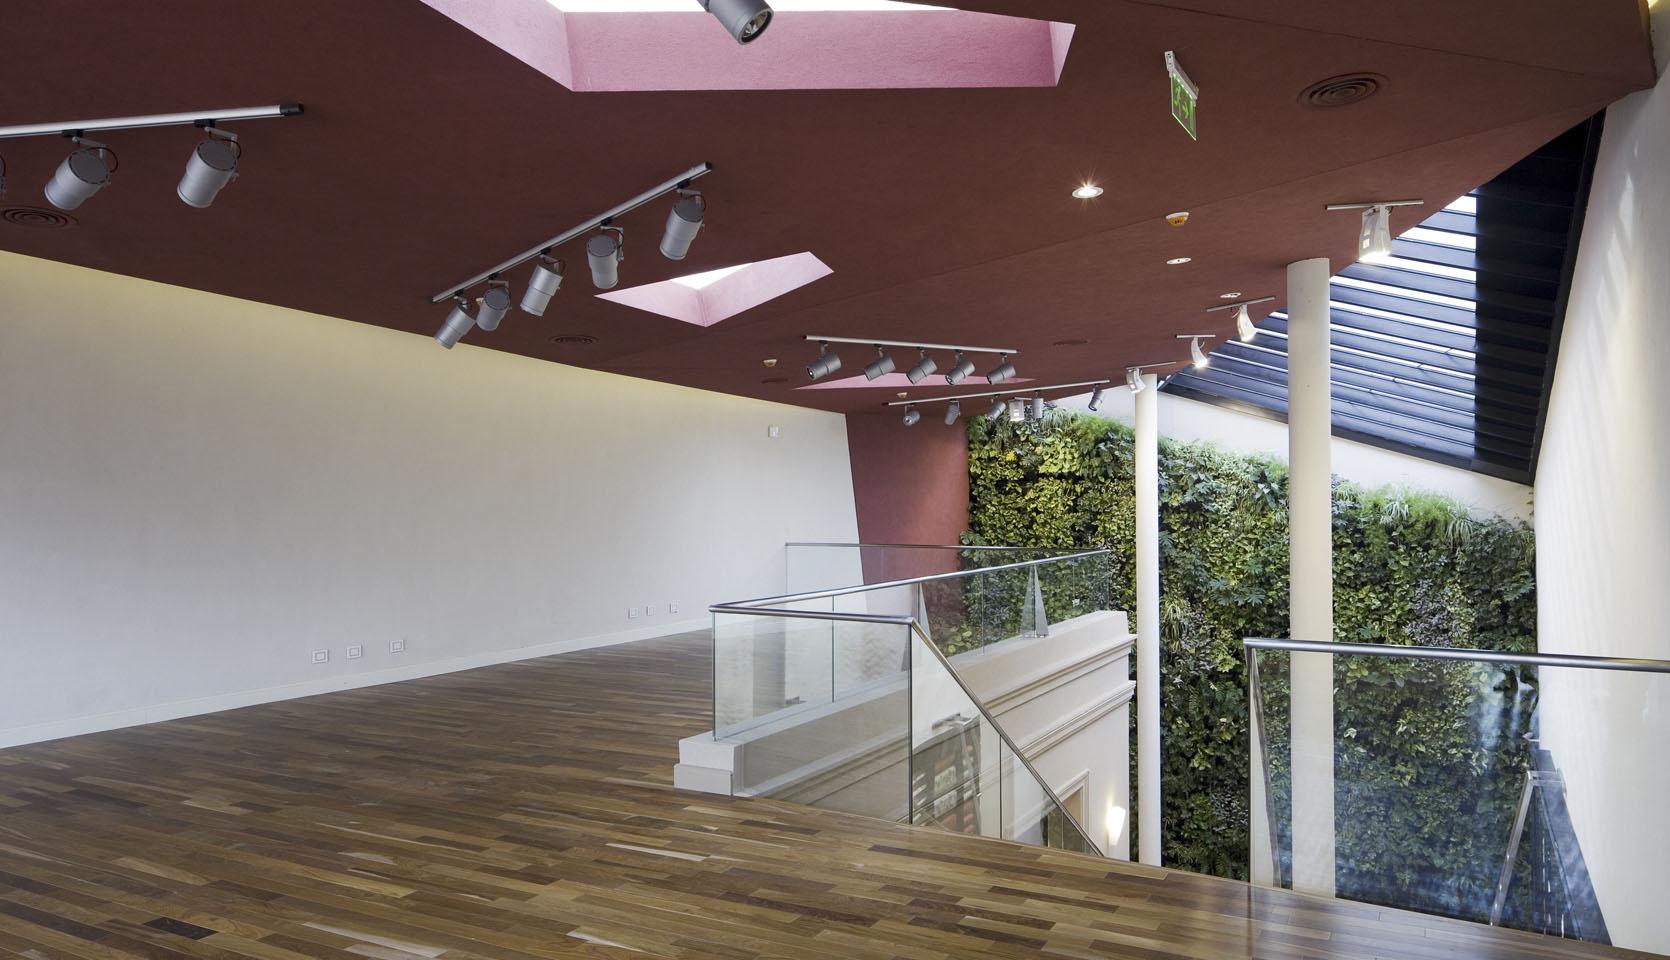 Diseño contemporáneo de lucarnas, plegados arquitectónicos, locales con cielorraso rojo, diseño de iluminación interior